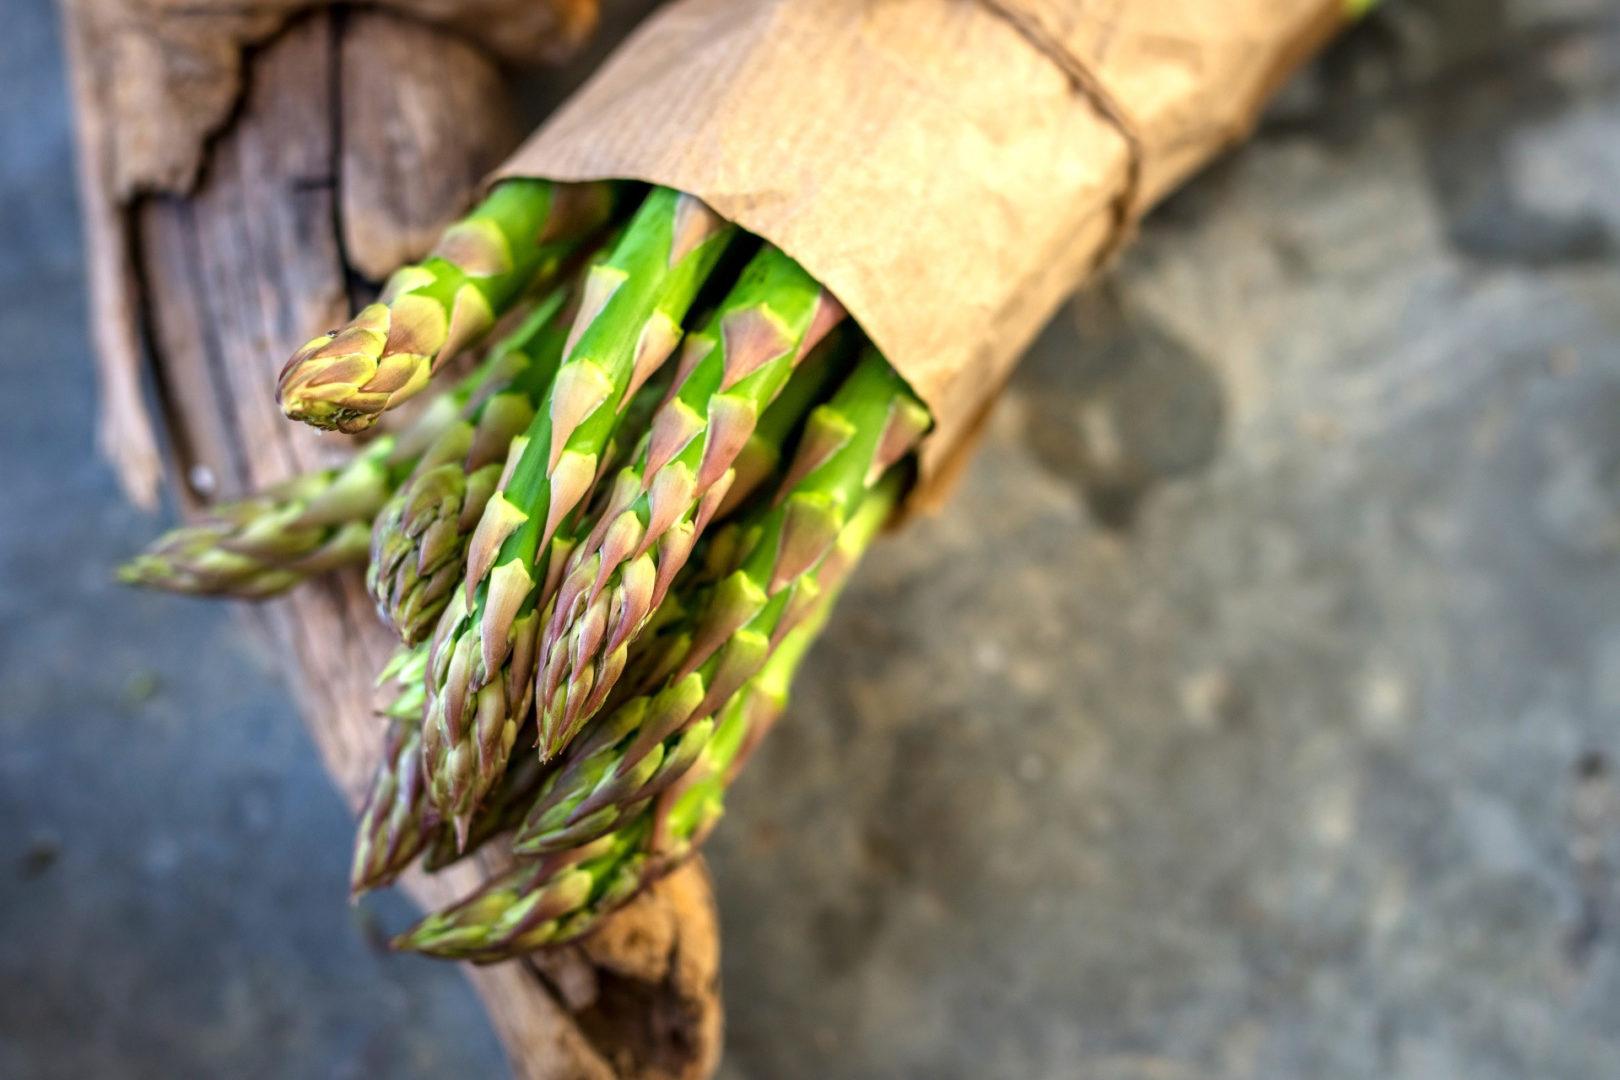 βιολογικά λαχανικά - sparaggia natureshousegr - Οι πέντε τροφές που βοηθούν στην απώλεια λίπους